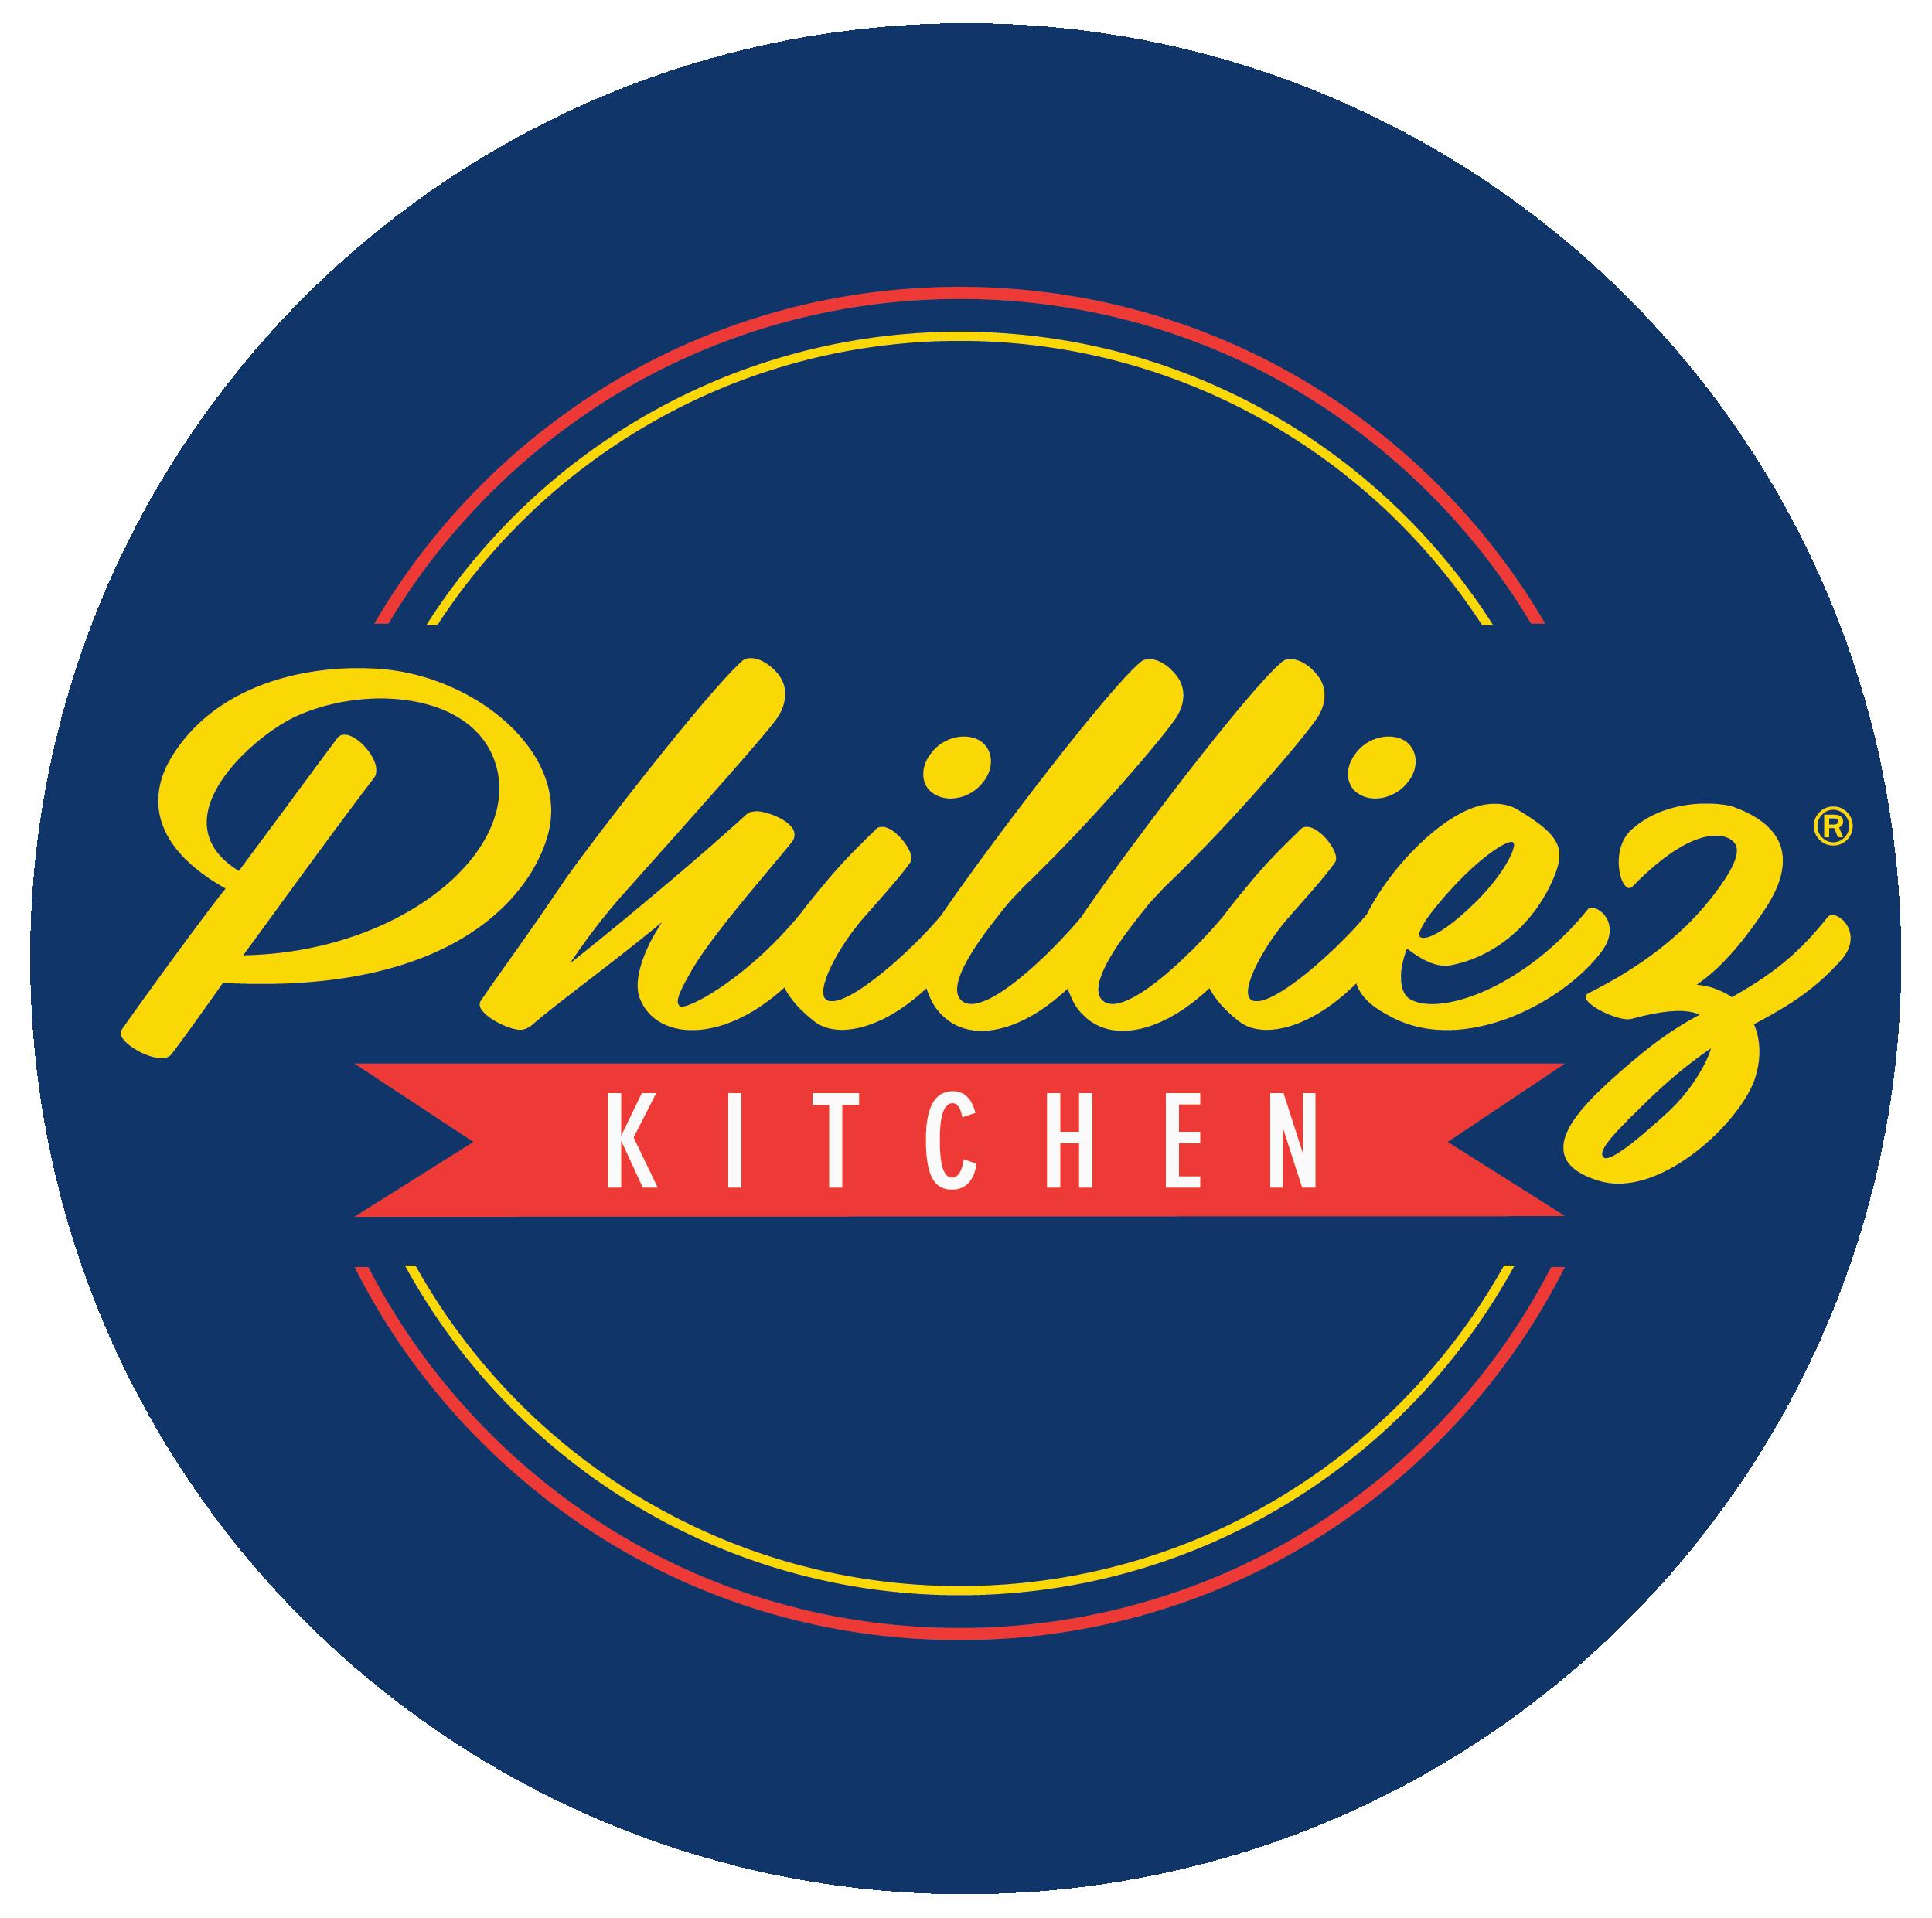 Philliez